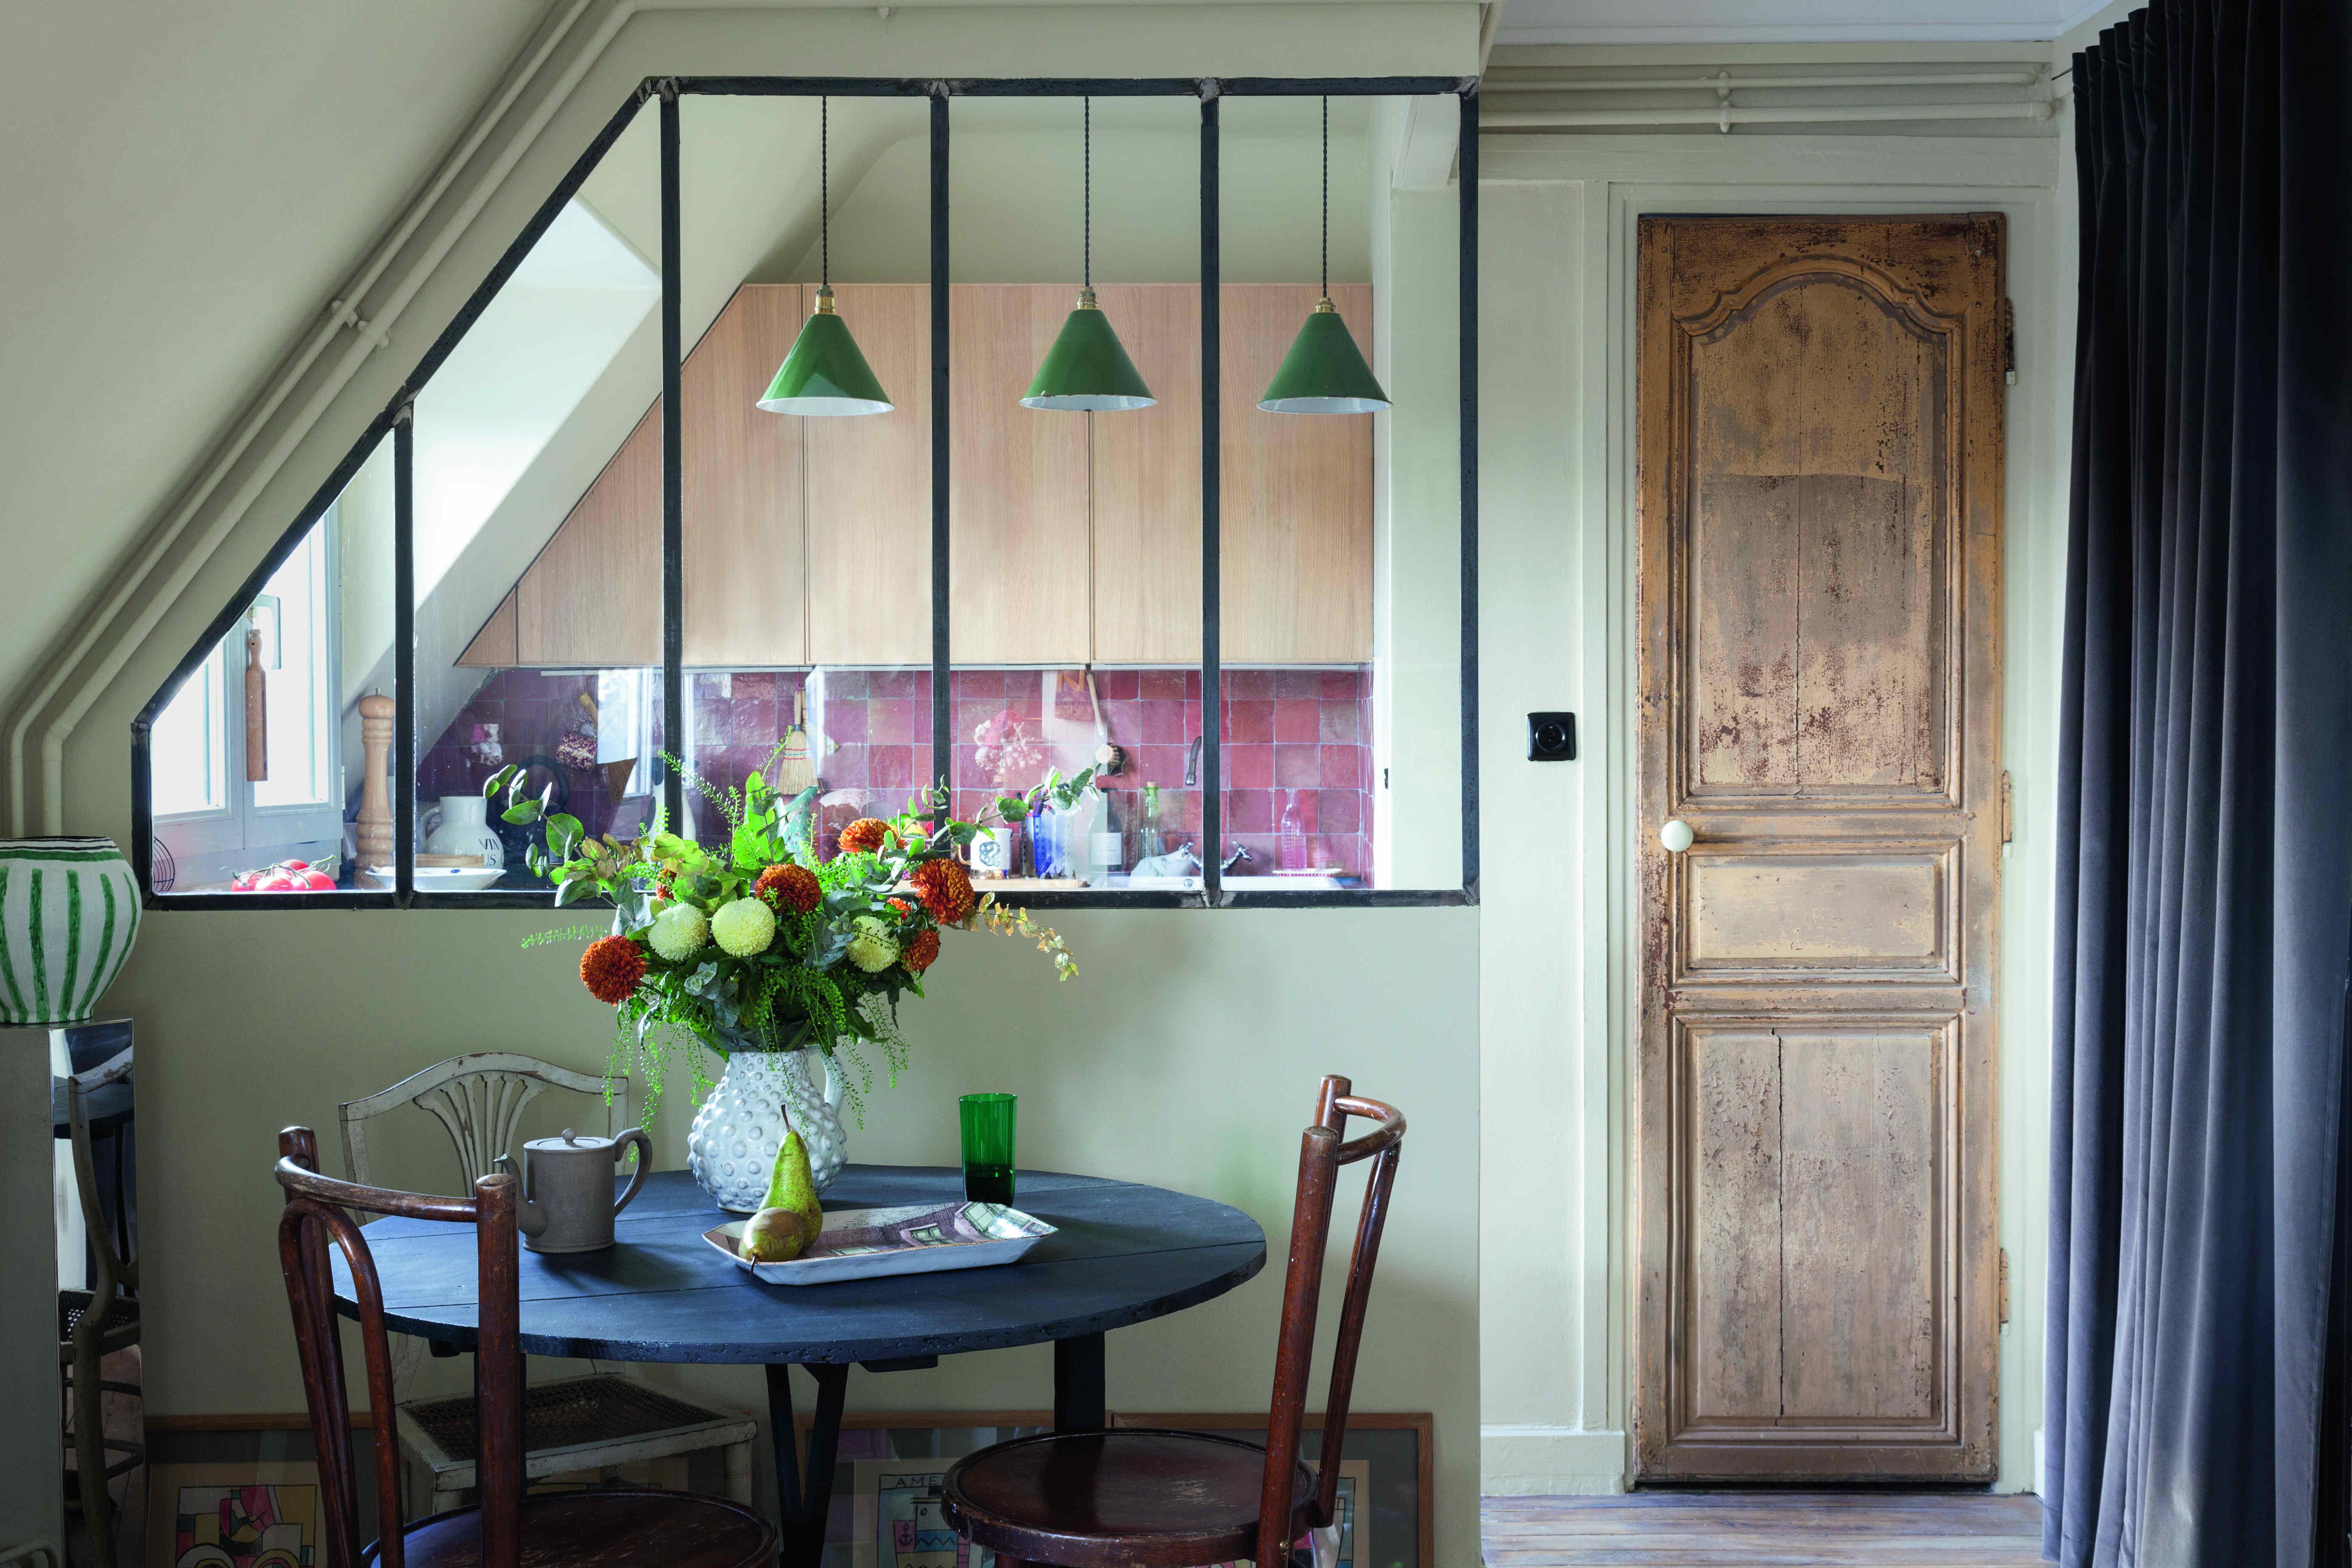 Paris Style And Decor By Ines De La Fressange